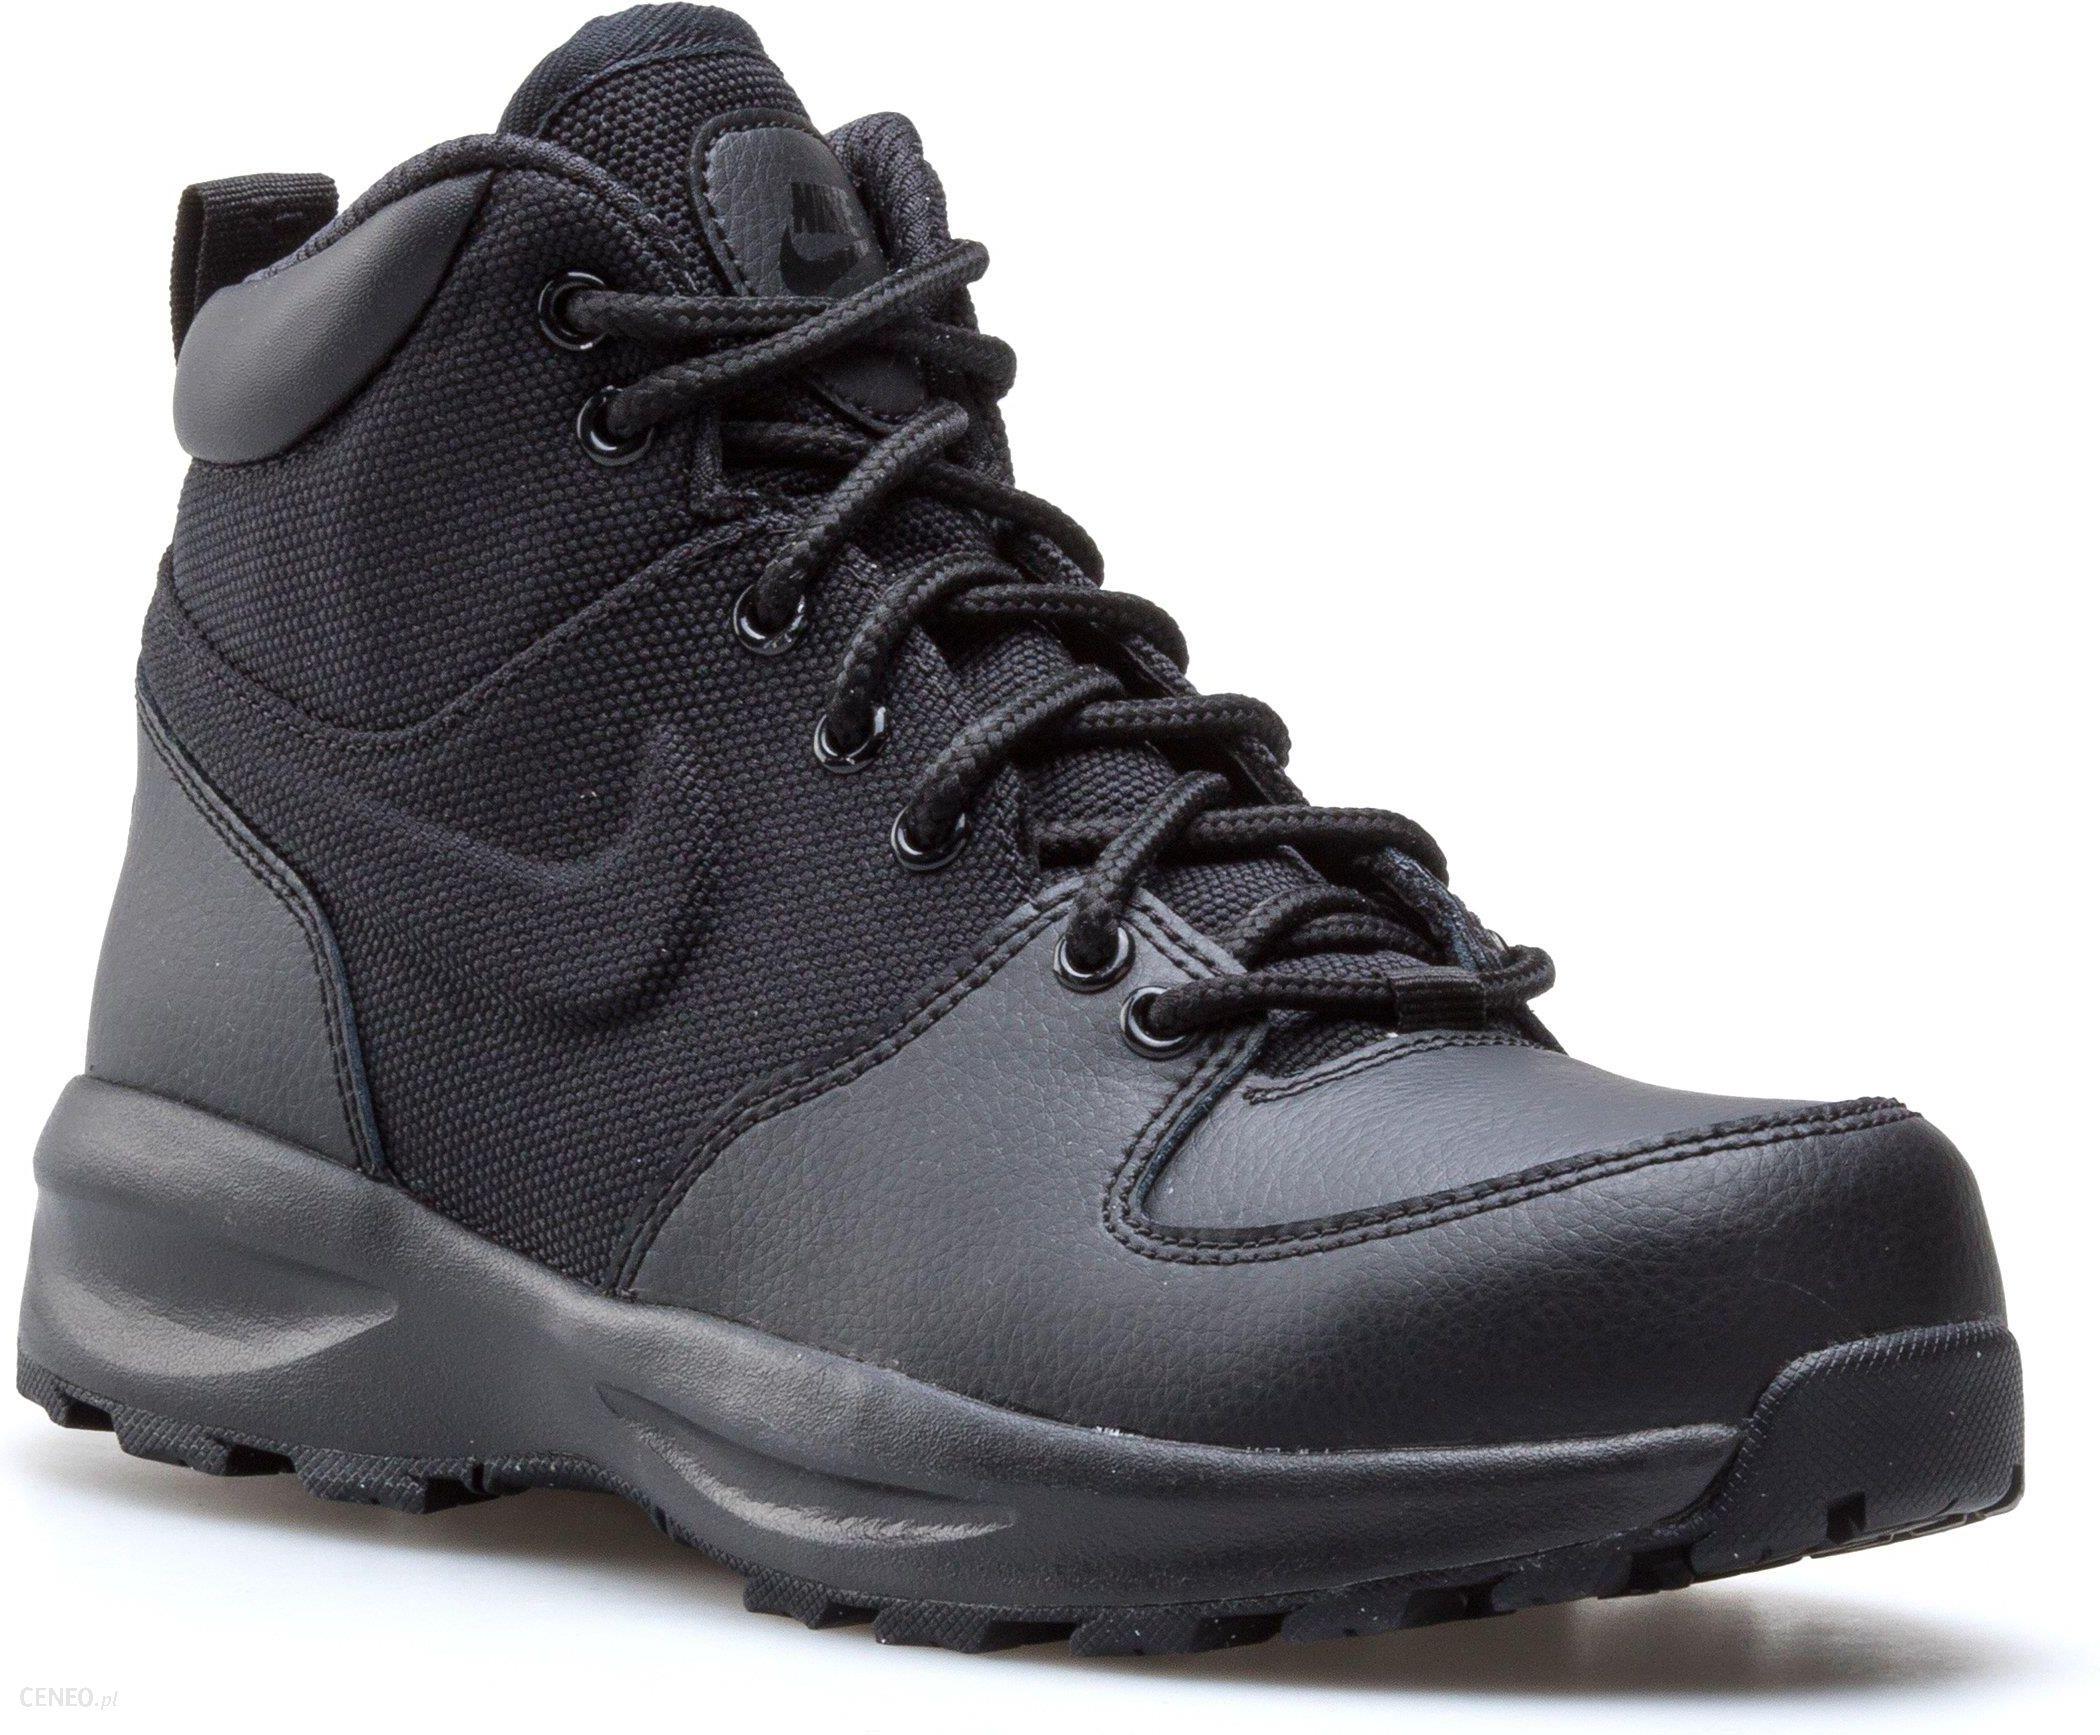 Buty zimowe Nike Manoa (gs) AJ1280 001 r. 40 Ceny i opinie Ceneo.pl